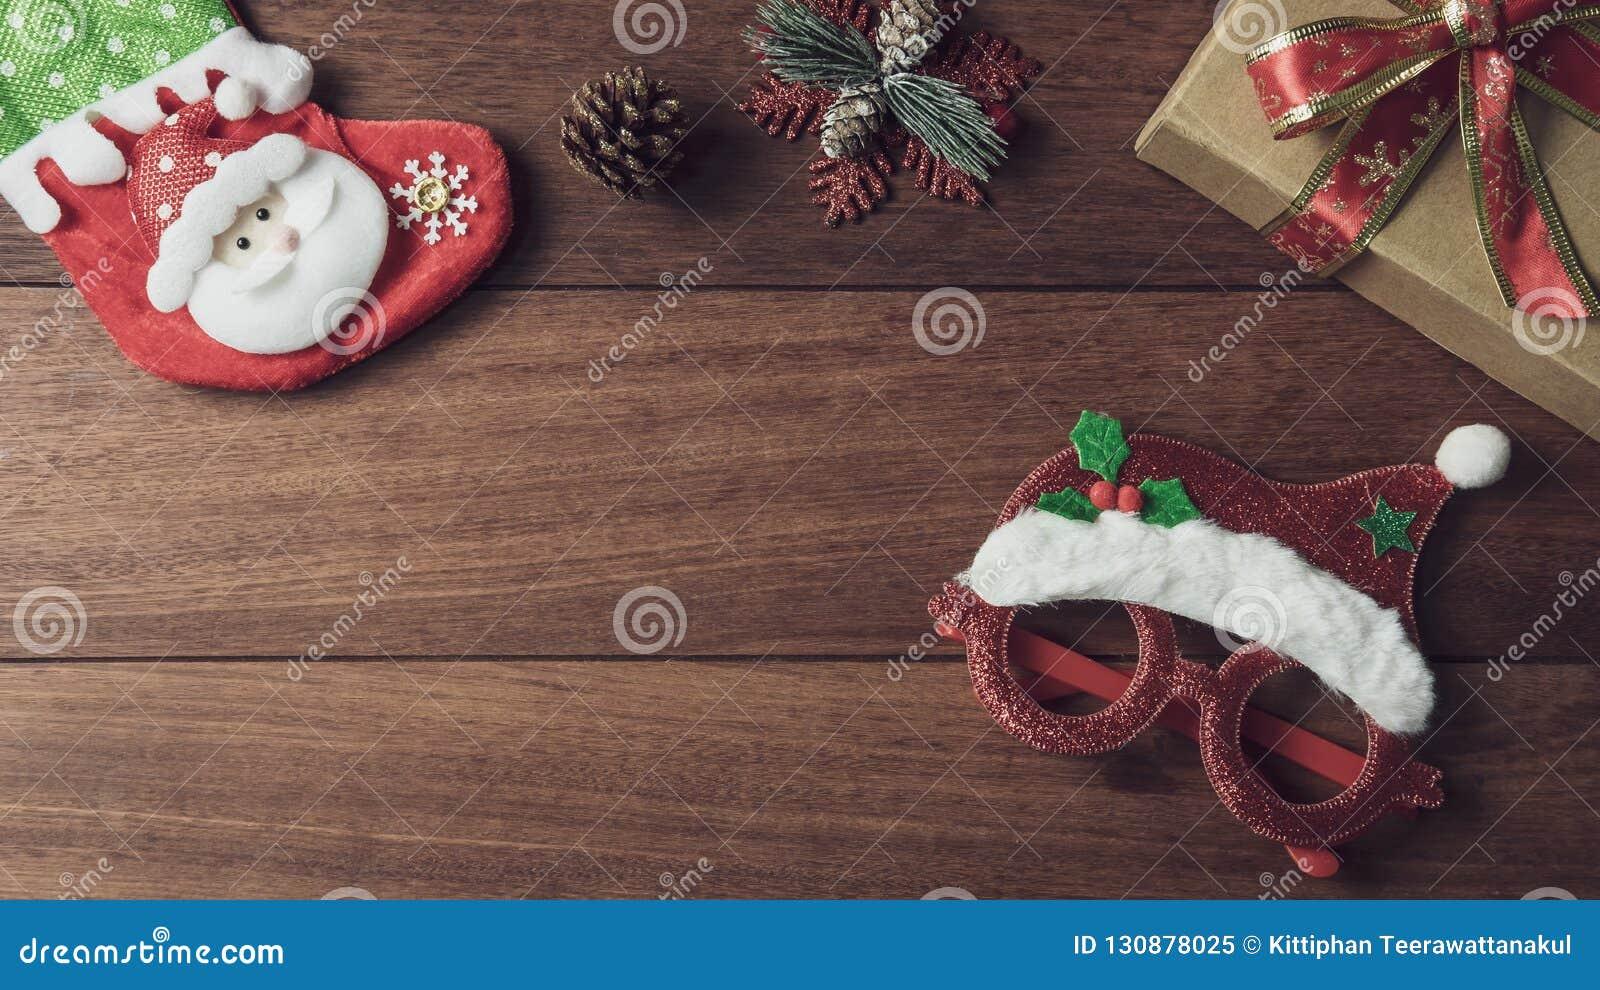 Regali Di Natale In Legno.Regali Di Natale Ornamenti E Raccolta Delle Decorazioni Su Fondo Di